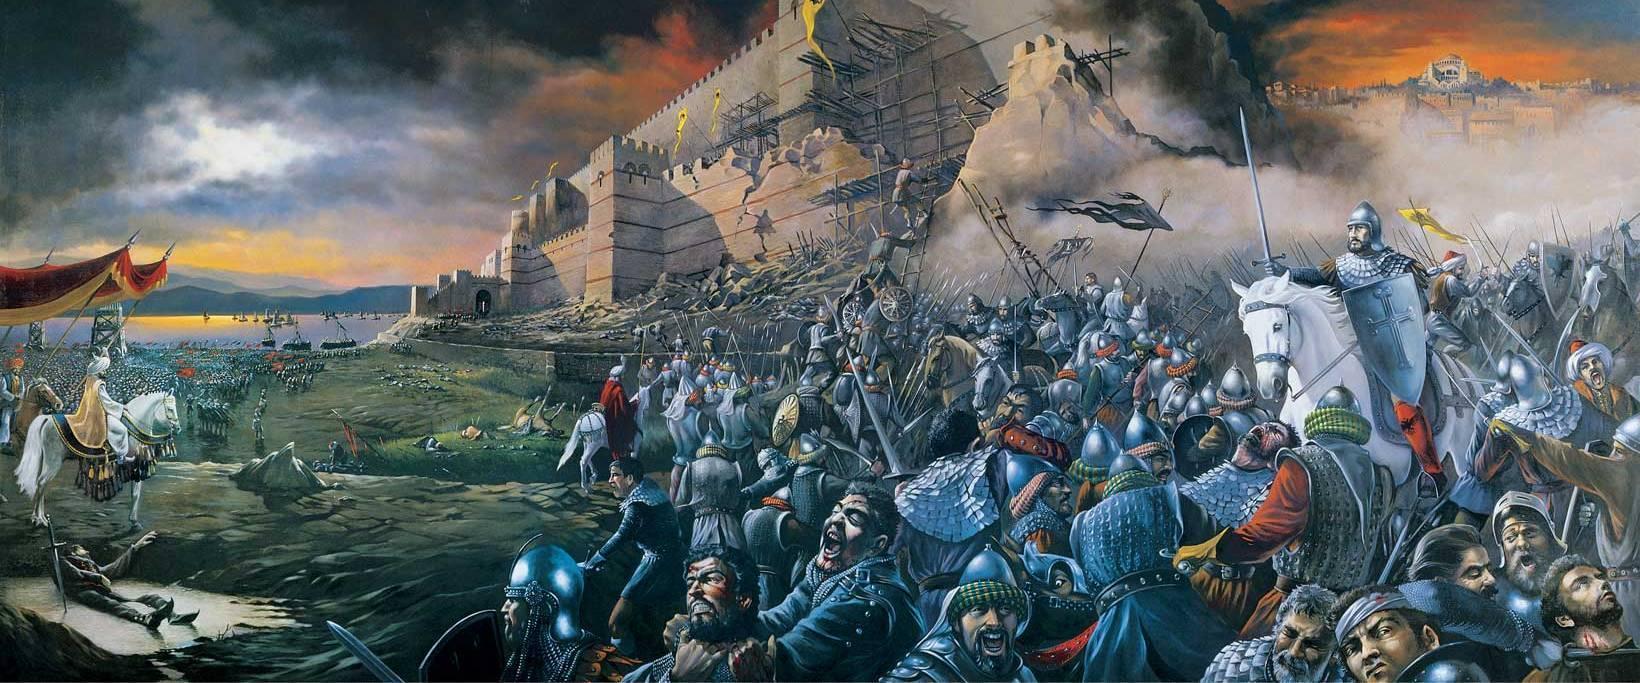 Sepuluh Fakta di Balik Pengepungan Konstantinopel